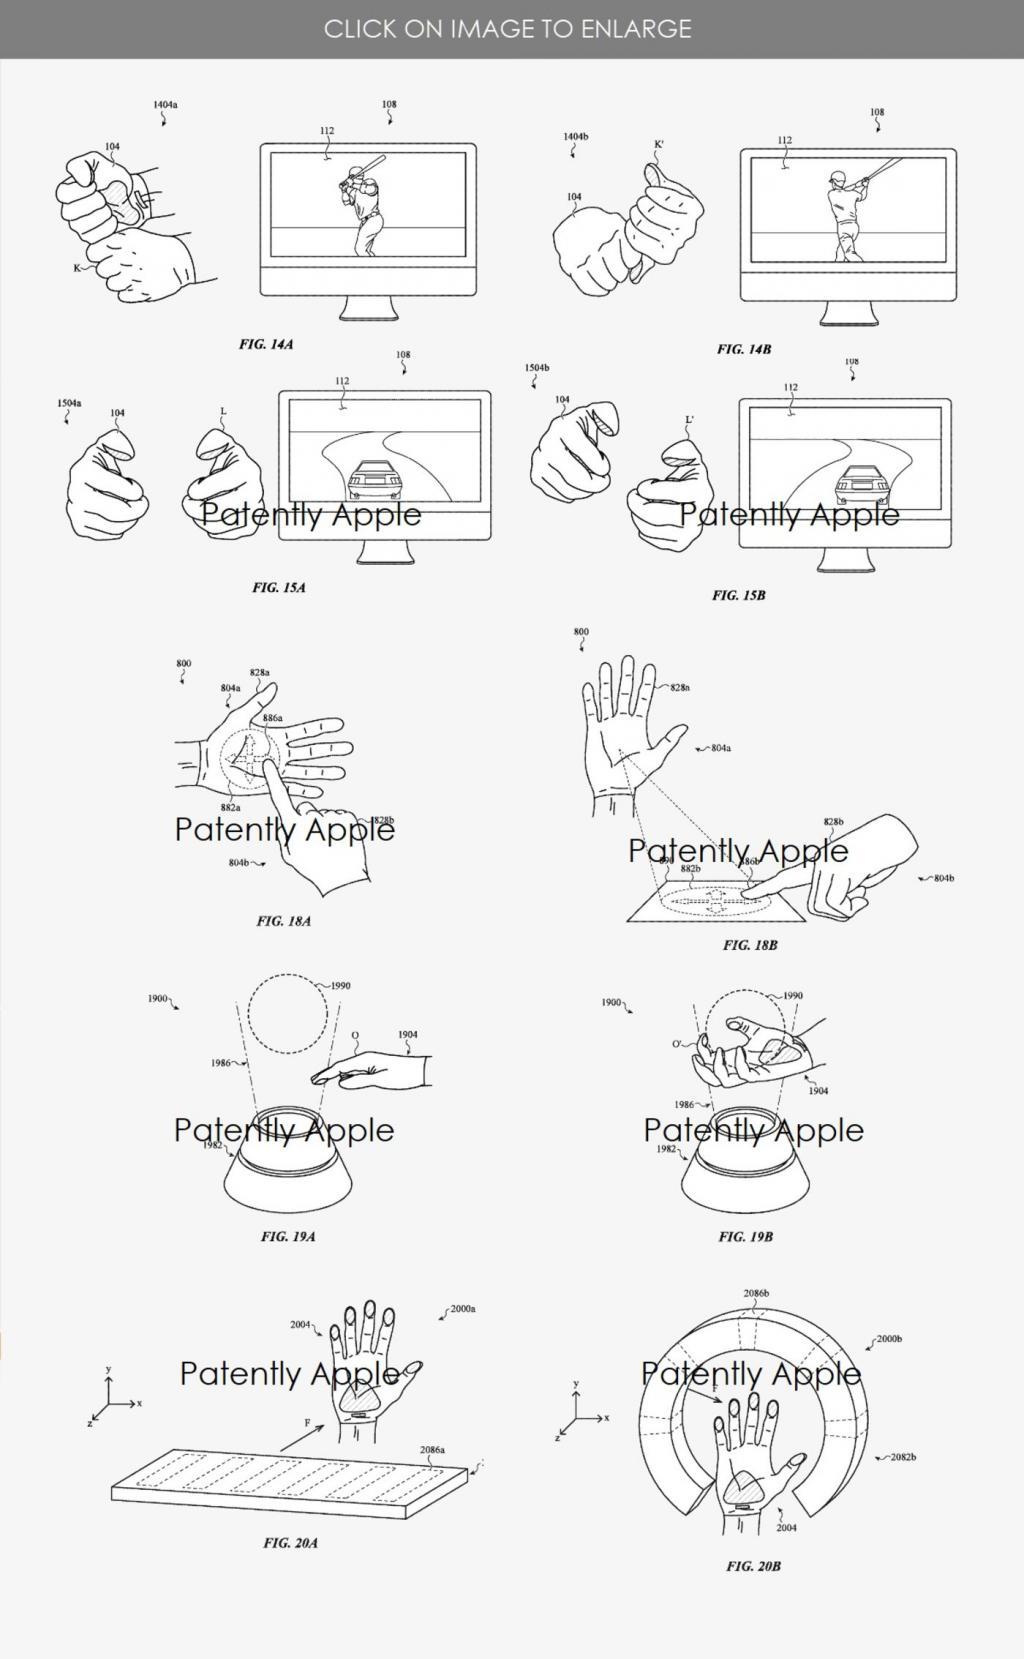 蘋果的最新顛覆產品要來了!蘋果眼鏡曝光